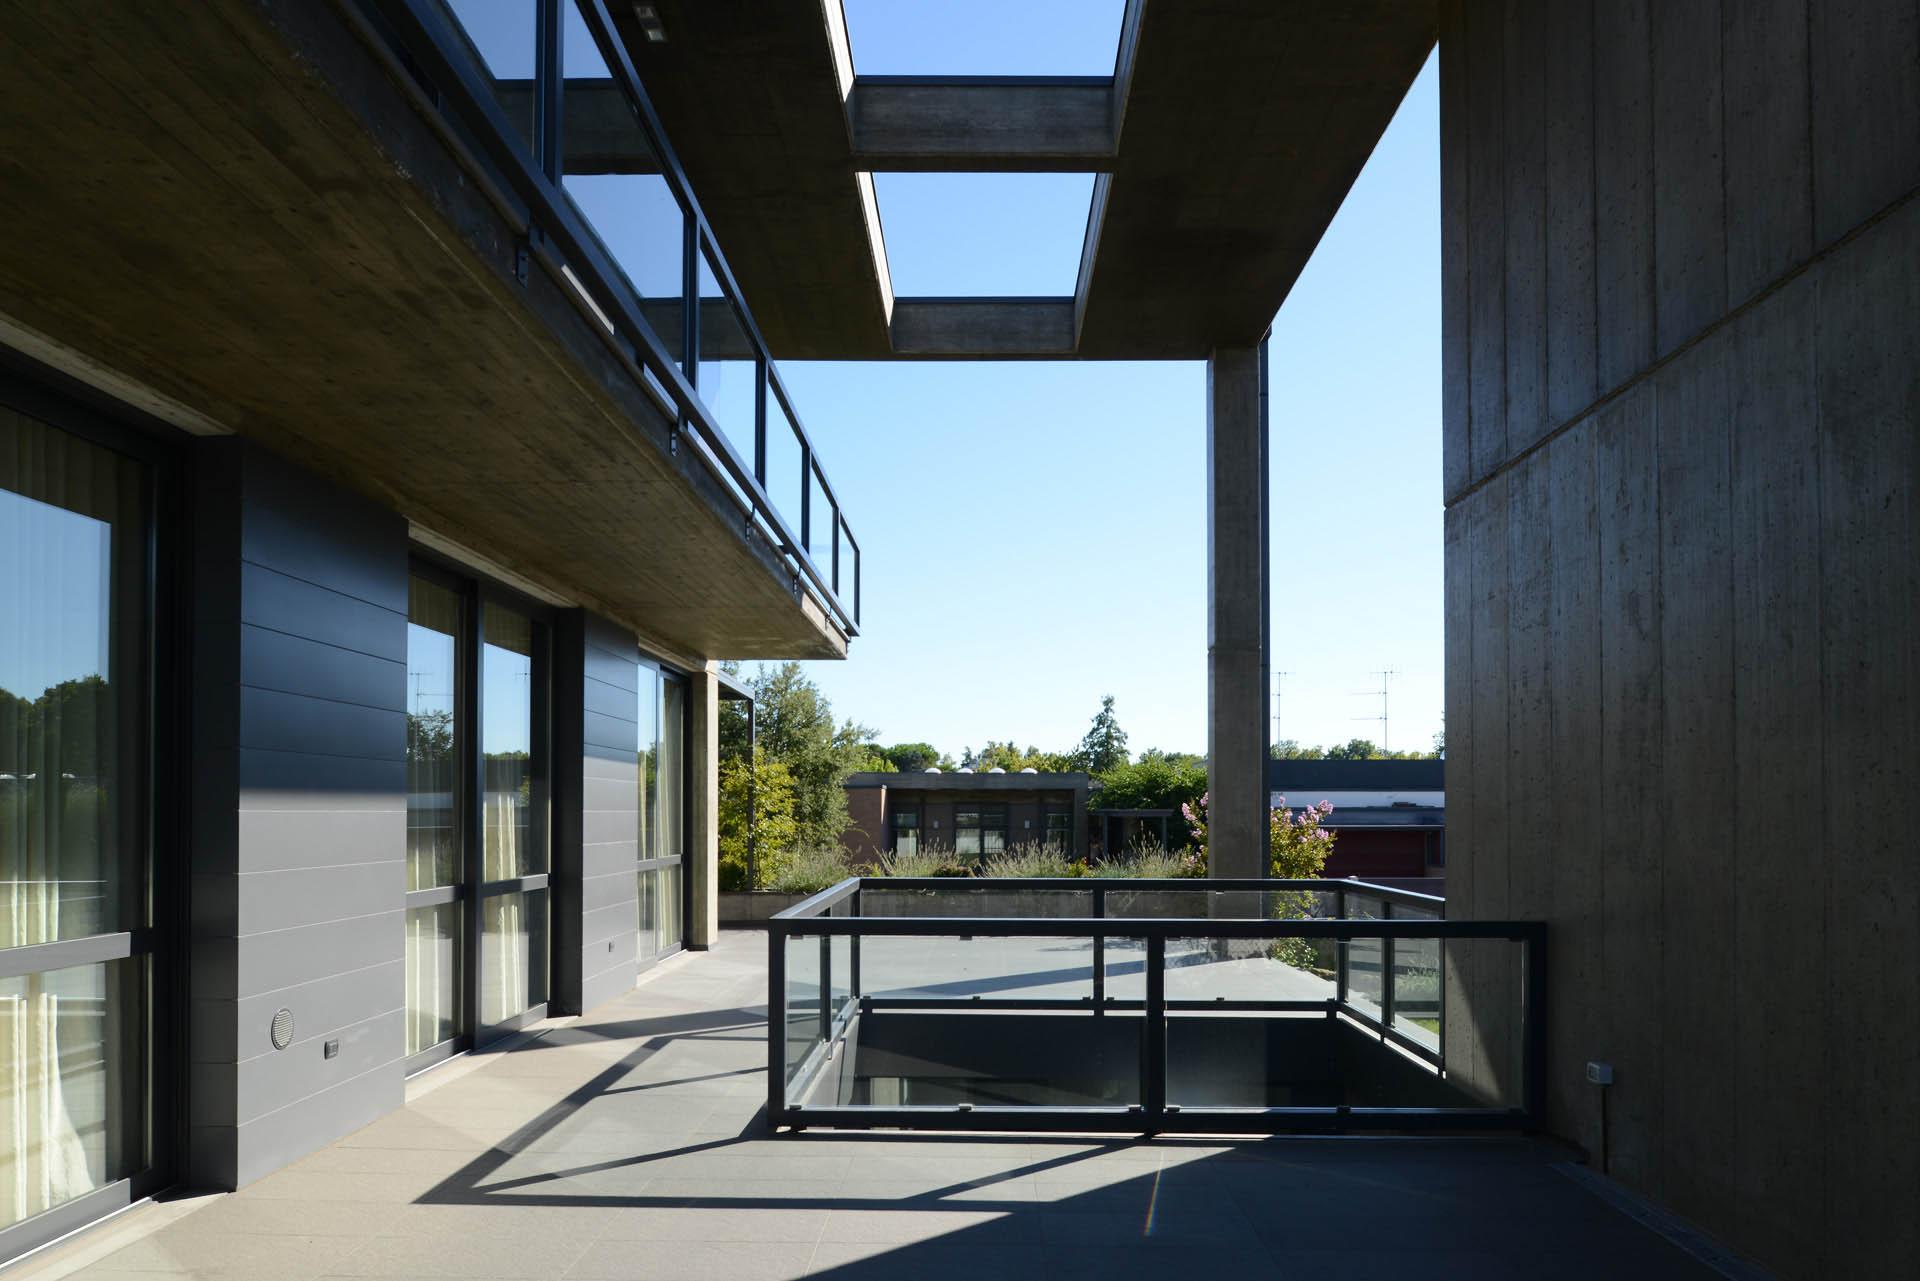 00 Studio Bacchi architetti associati Casa 3 copertina 04